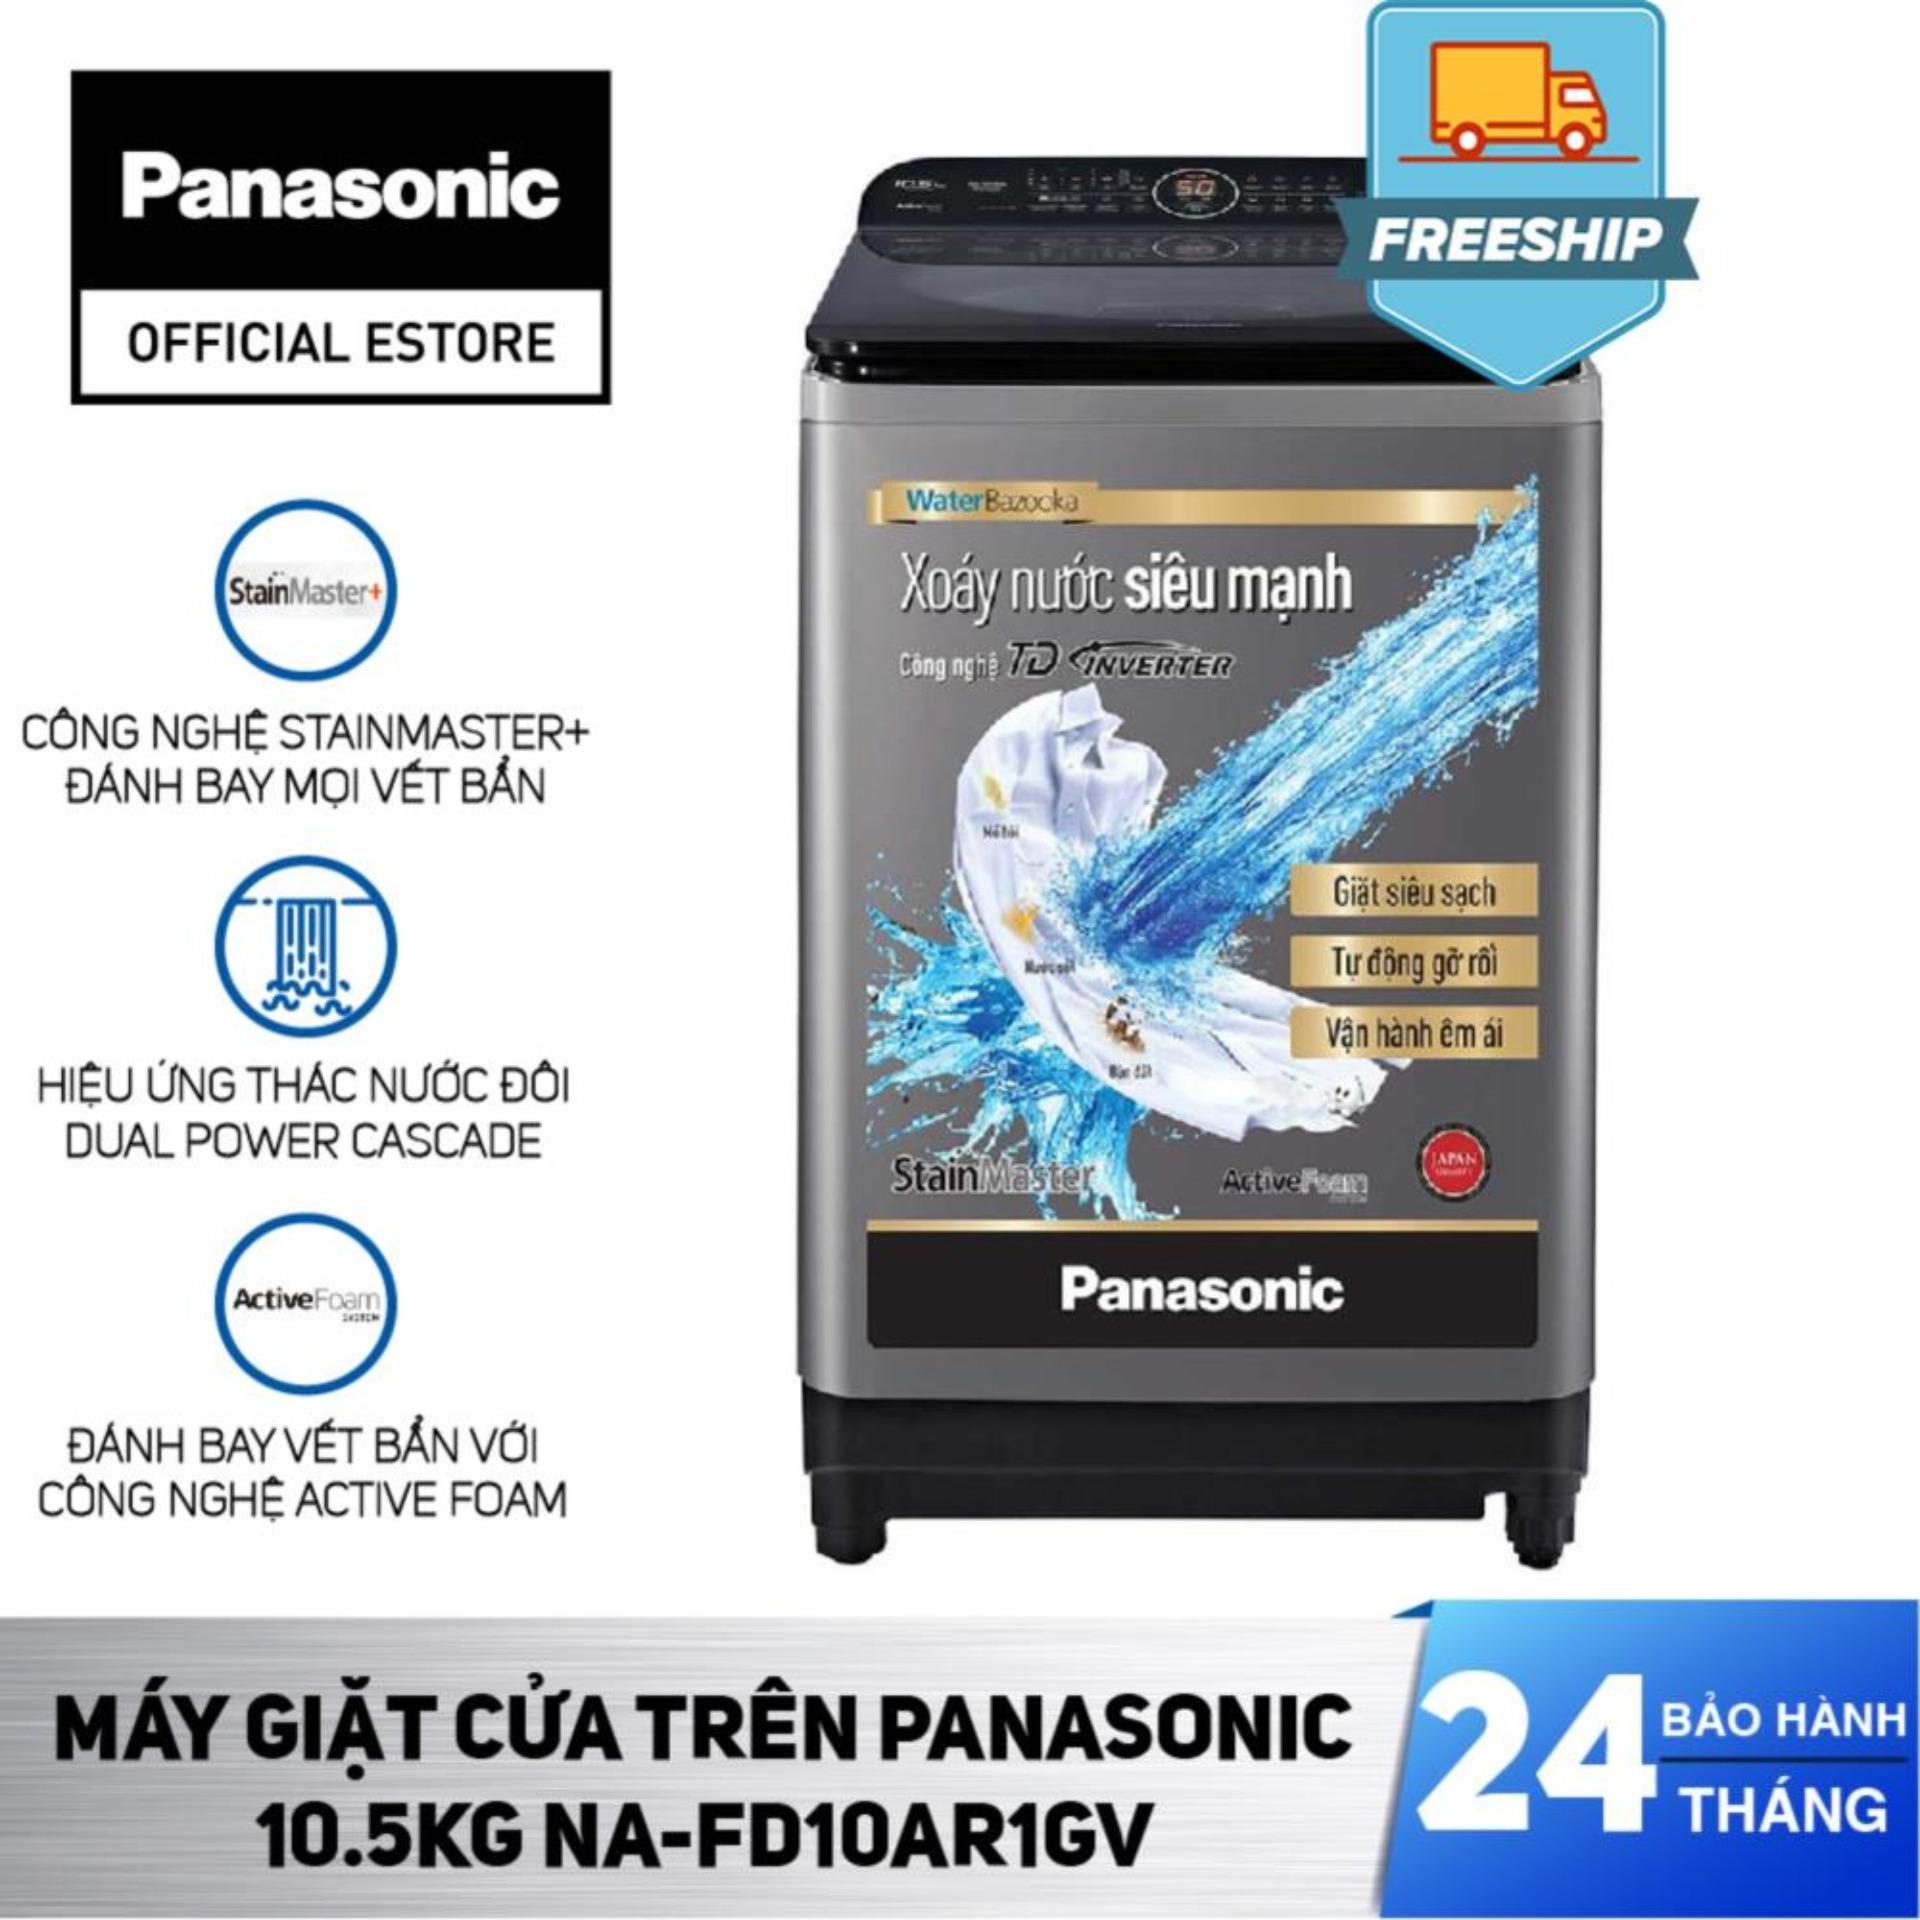 [Chỉ Giao Tại HCM] - Máy Giặt Cửa Trên Panasonic 10.5KG NA-FD10AR1GV - Bảo Hành 2 Năm - Hàng Chính...